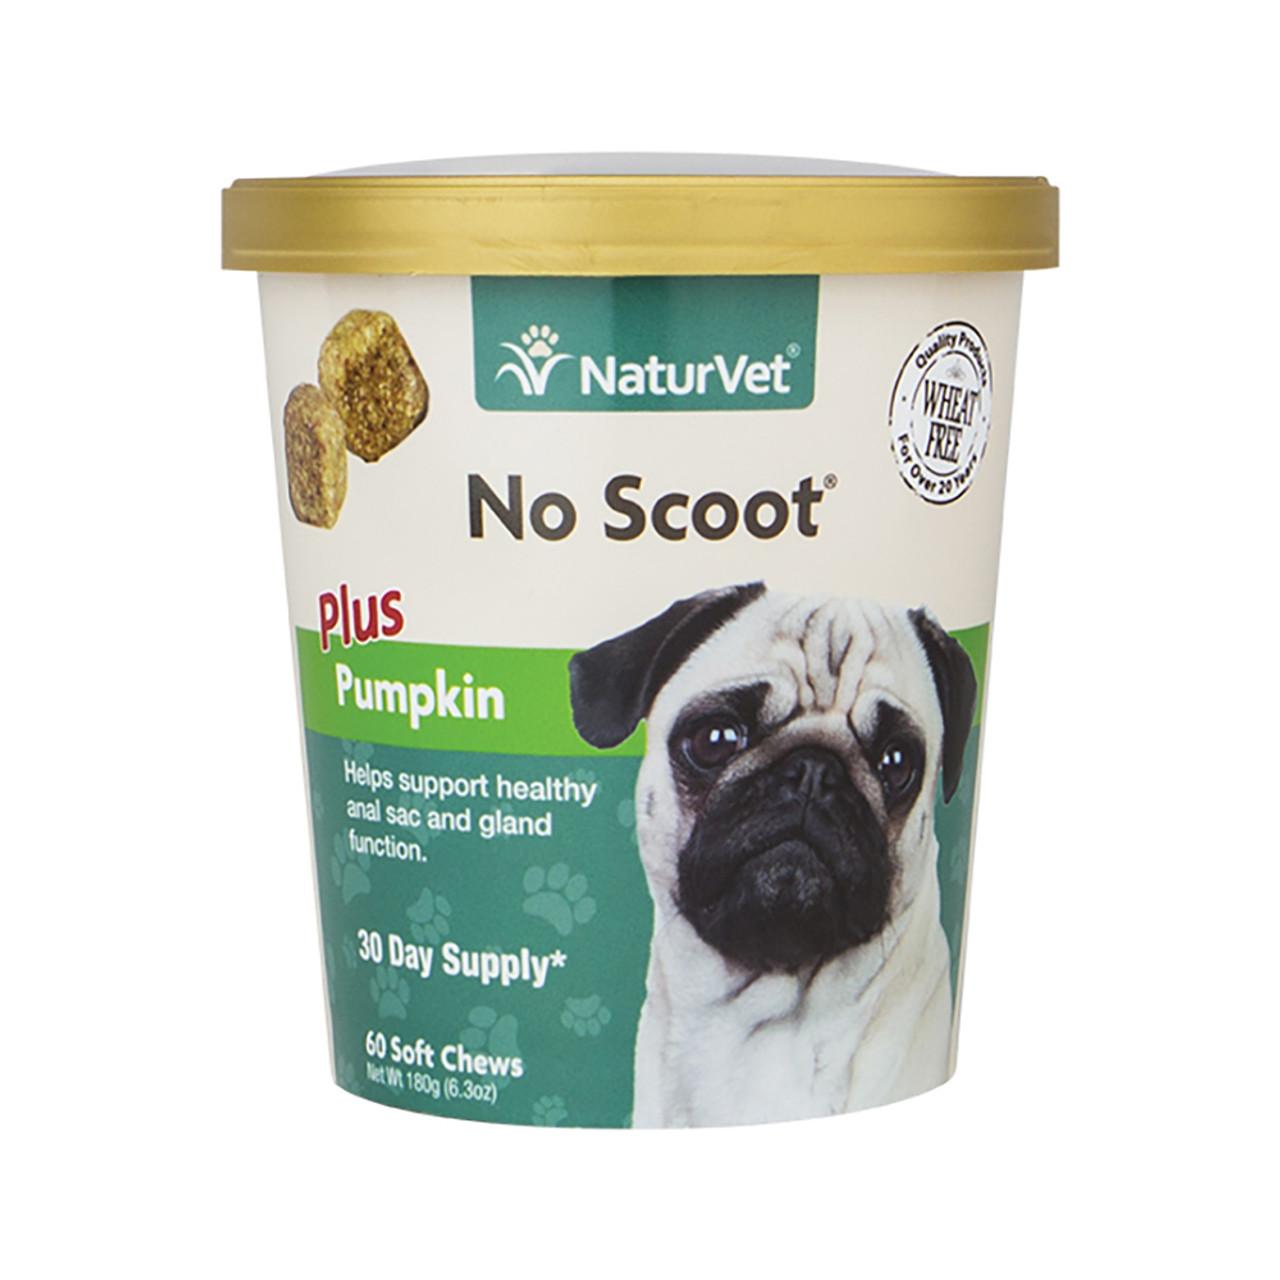 NaturVet No Scoot Soft Chews for Dogs